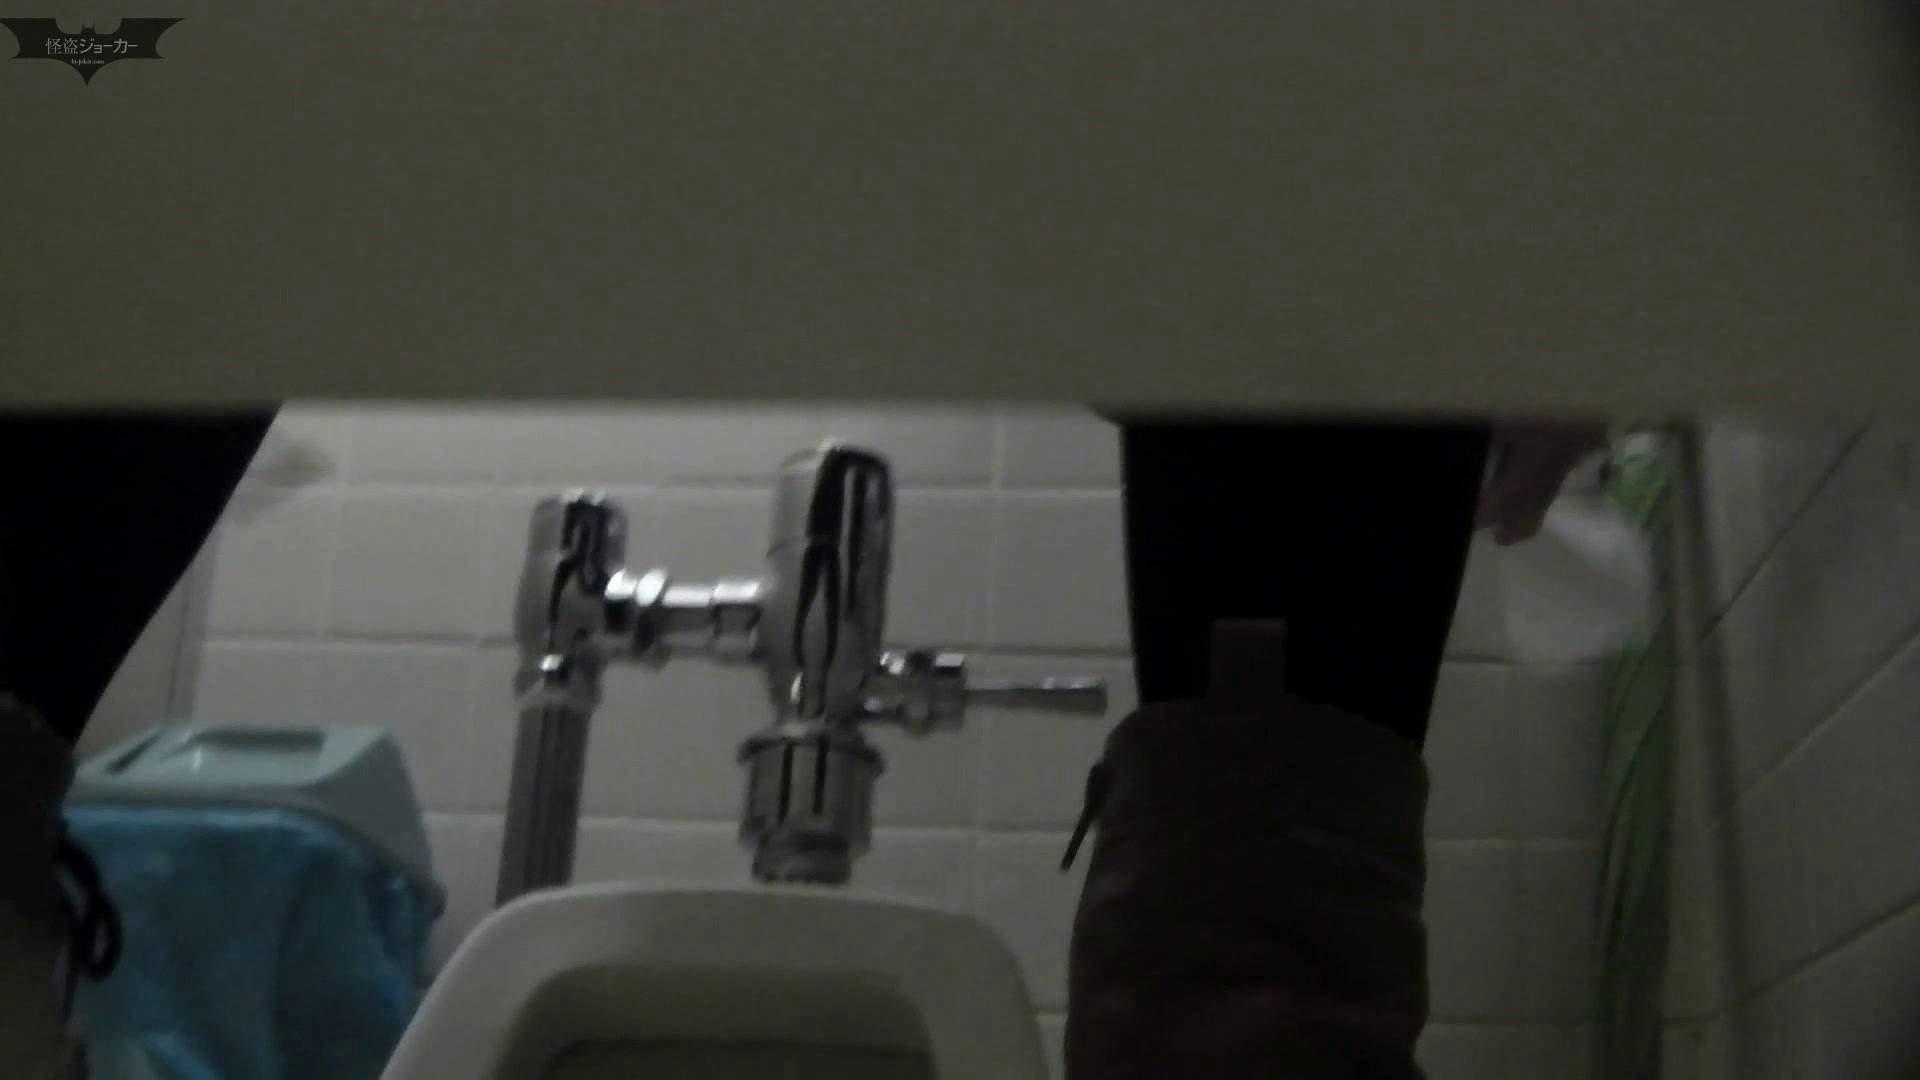 お銀さんの「洗面所突入レポート!!」 vol.53 冬到来!美女も到来! OLのボディ AV動画キャプチャ 91PIX 86